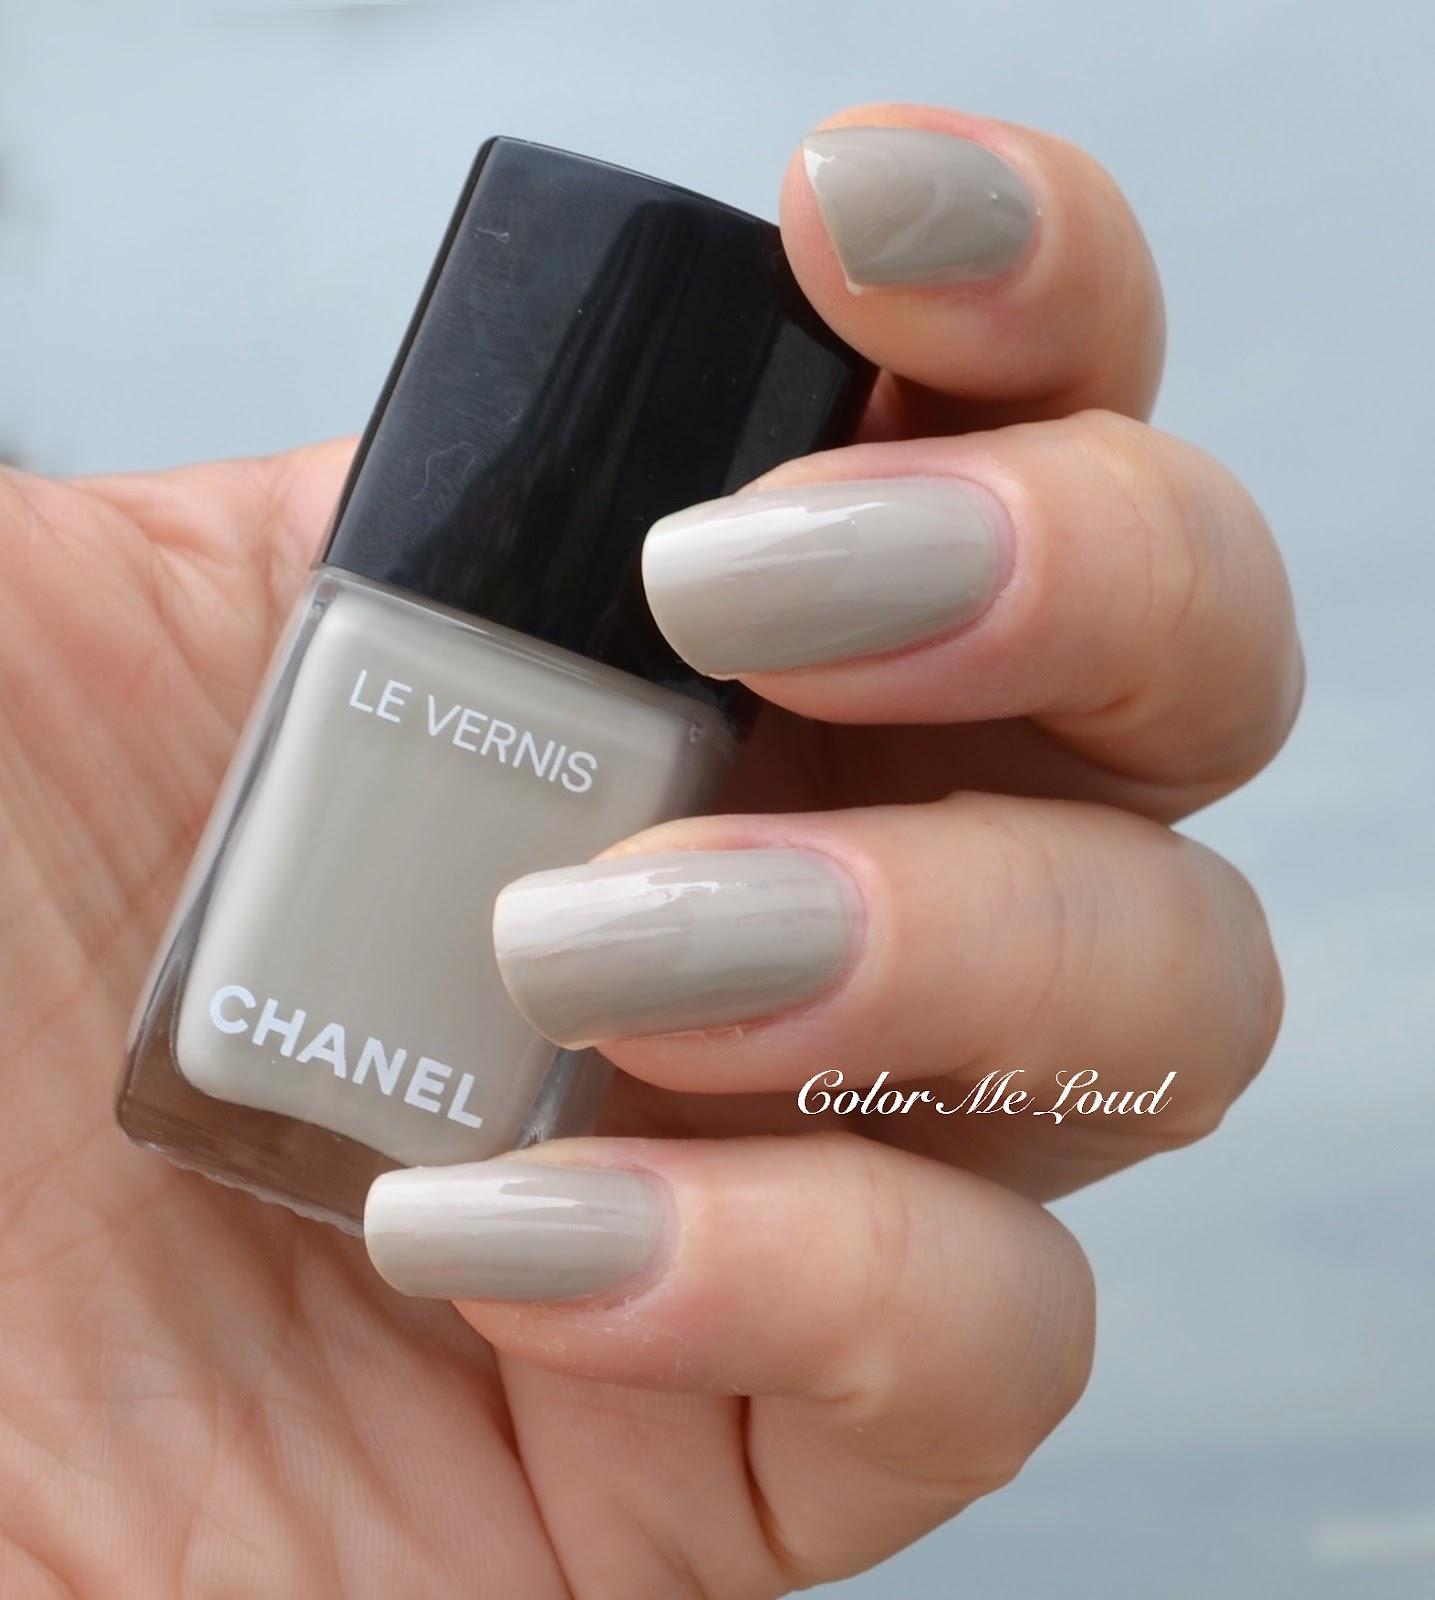 chanel le vernis longwear nail colour nudes vamps review swatch comparisons color me loud. Black Bedroom Furniture Sets. Home Design Ideas